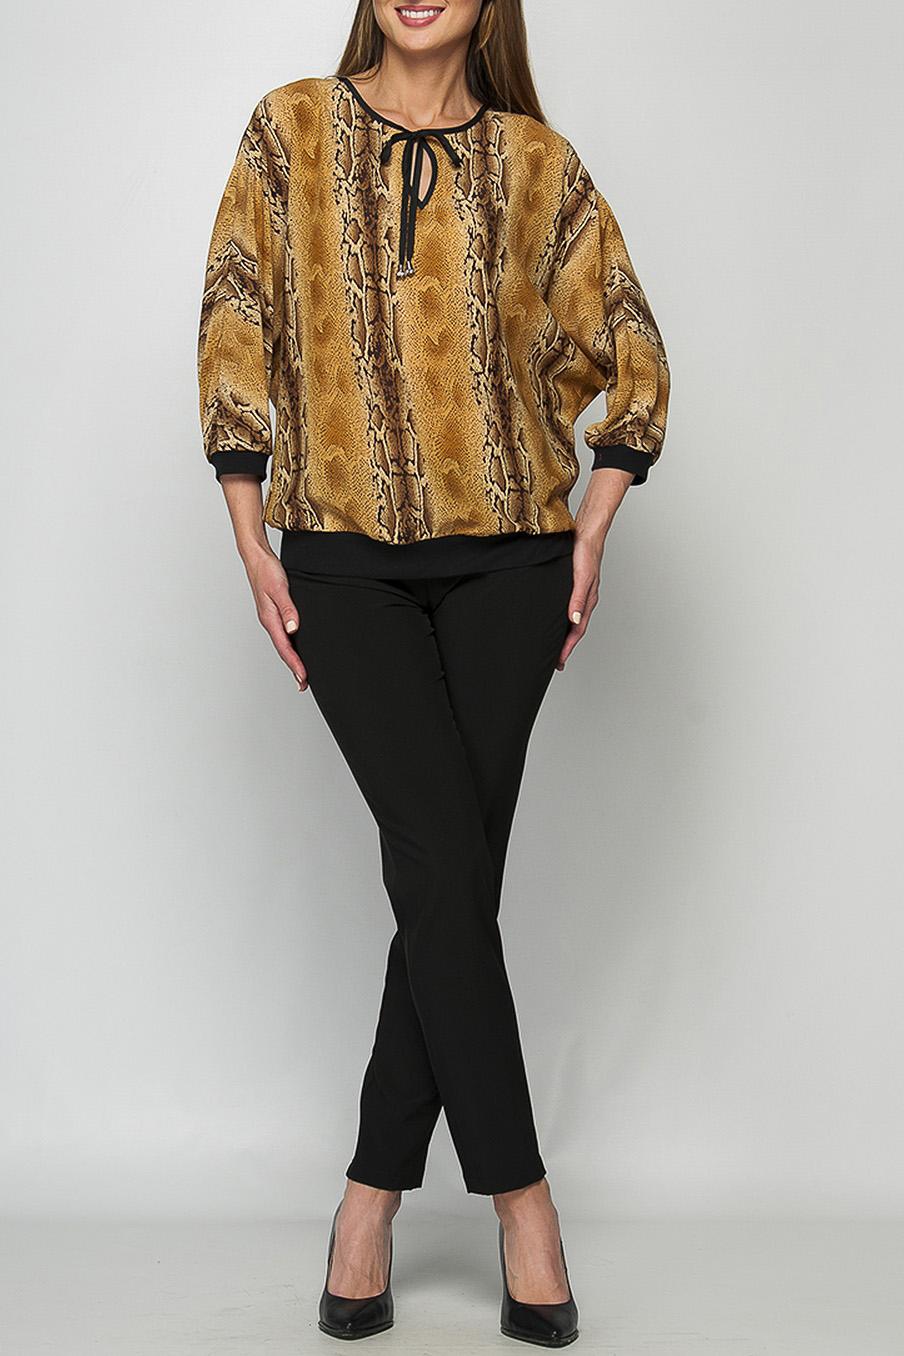 БлузкаБлузки<br>Просторная женская блуза, свободного кроя, из крепа, с рукавами летучая мышь. Горловина круглая, обработана контрастной окантовкой и фисксируется по центру полочки длинными завязками. Цельнокроеные рукава имеют длину 3/4 и фиксируются по руке трикотажными, контрастными манжетами. Низ блузы дополнен притачным трикотажным поясом, облегающим бедра. Параметры изделия: 44 размер: длина рукава - 48 см, длина изделия - 67 см; 52 размер: длина рукава - 48 см, длина изделия - 69 см. Рост модели 175 смЦвет: бежево-коричневый, черный и др.<br><br>Горловина: С- горловина<br>Рукав: Рукав три четверти<br>Материал: Шифон<br>Рисунок: Рептилия,С принтом,Цветные<br>Сезон: Весна,Всесезон,Зима,Лето,Осень<br>Силуэт: Свободные<br>Стиль: Повседневный стиль<br>Элементы: С манжетами<br>Размер : 48,50,52,54,56,58,60<br>Материал: Шифон<br>Количество в наличии: 8